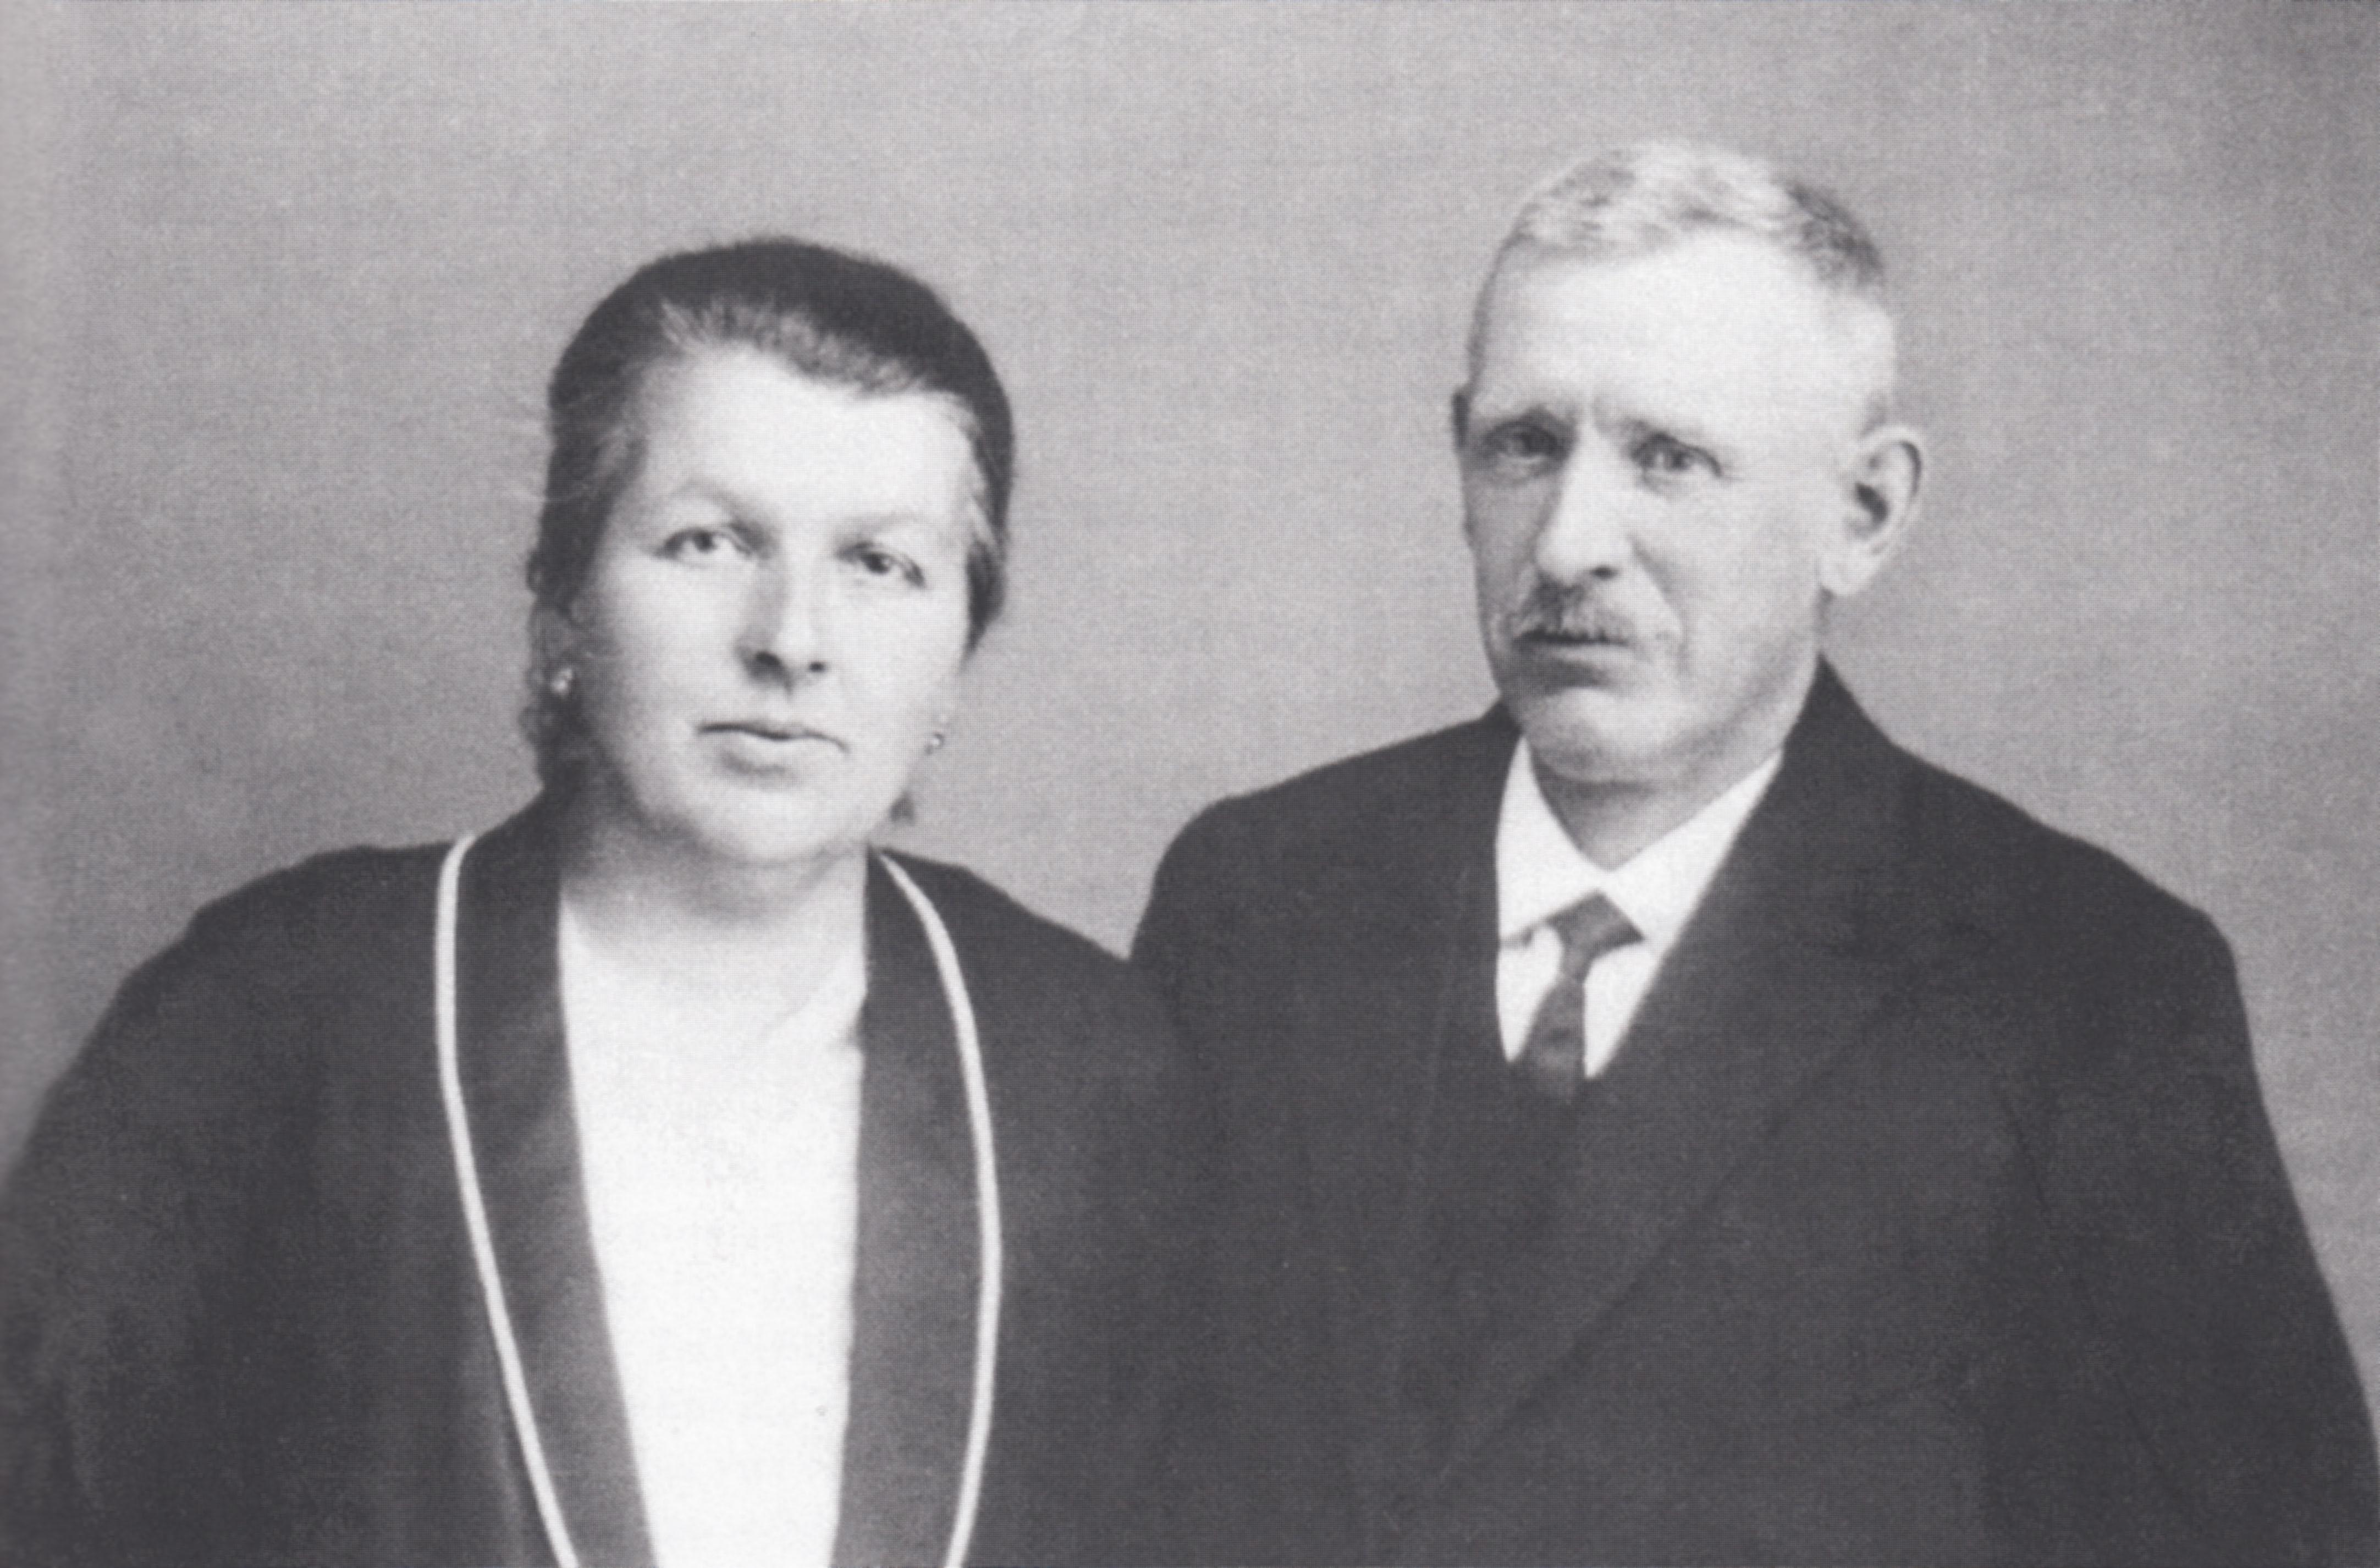 Selin Zäch (1880-1966)